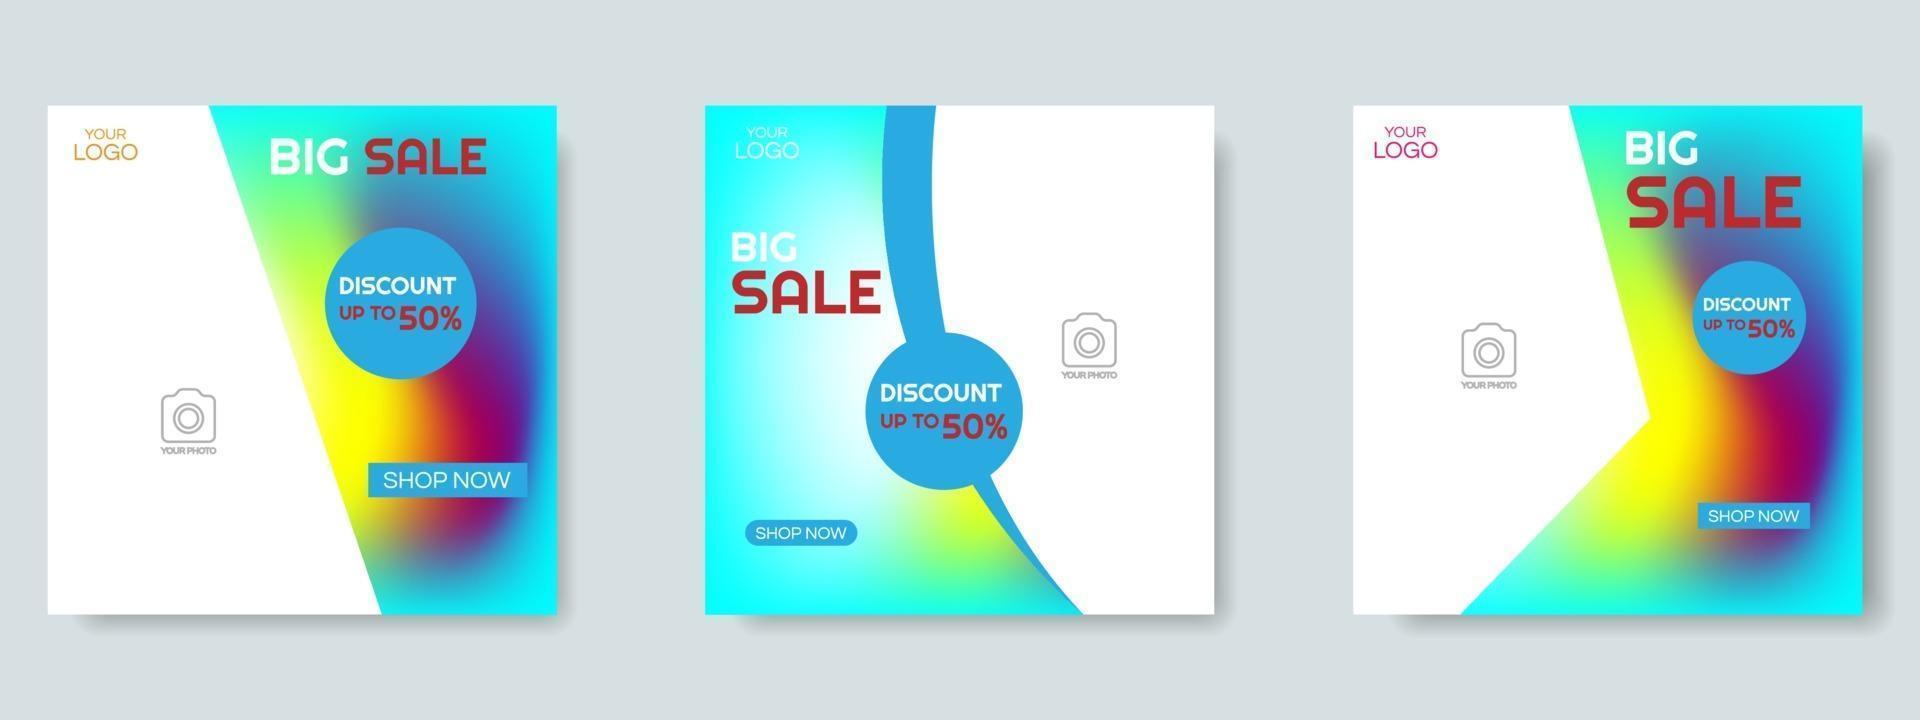 Modeverkauf Social Media Post Design Vorlage. Web-Banner-Vektor vektor